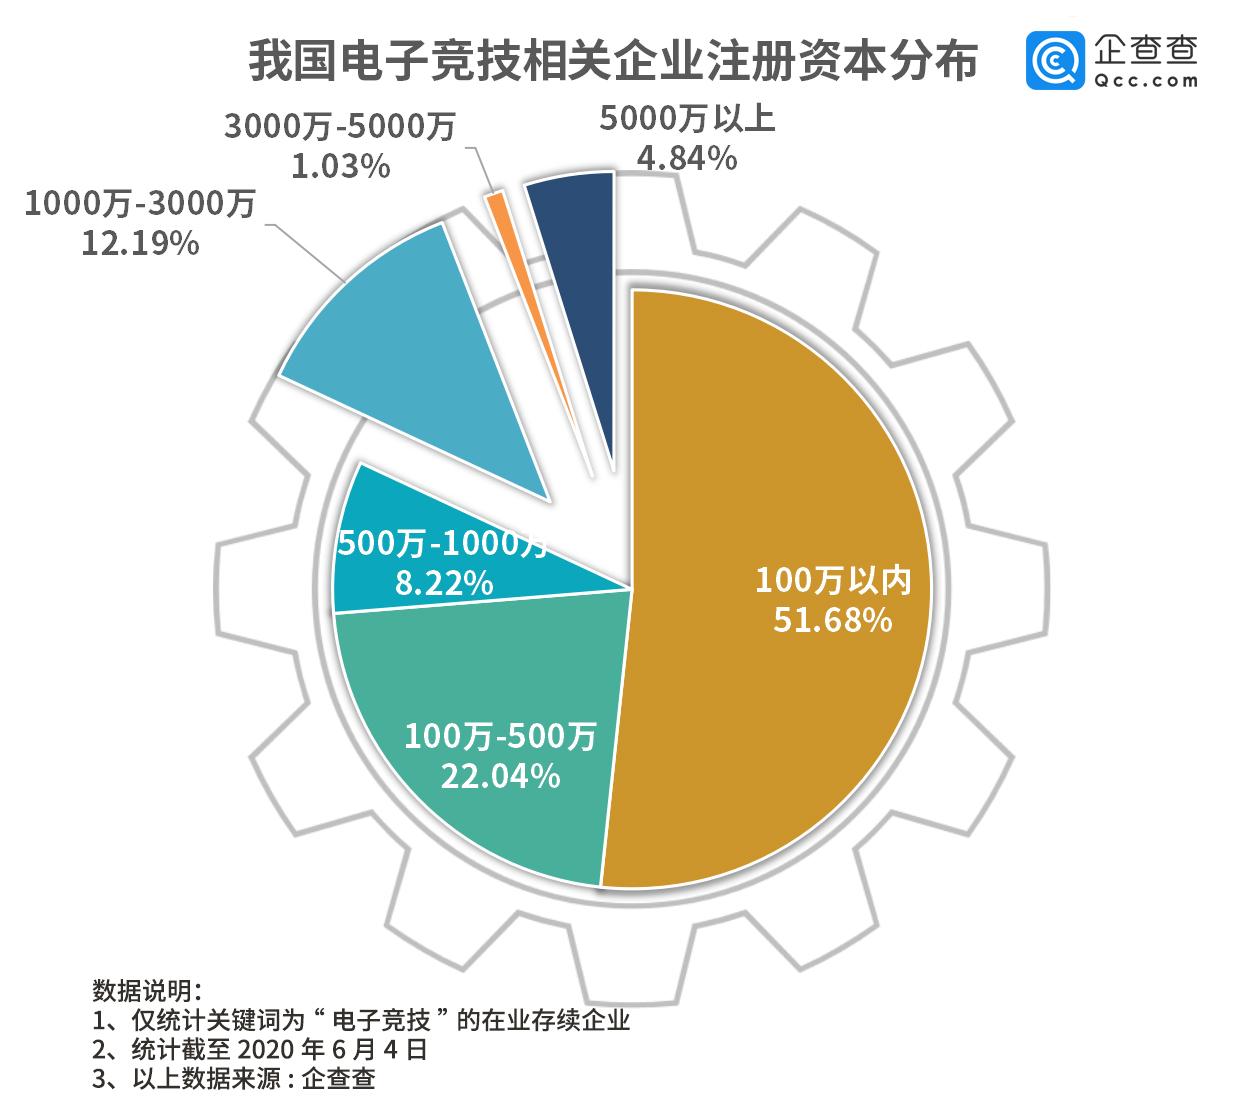 电竞之都谁最强?全国1.6万家,拼不过上海215家电竞企业